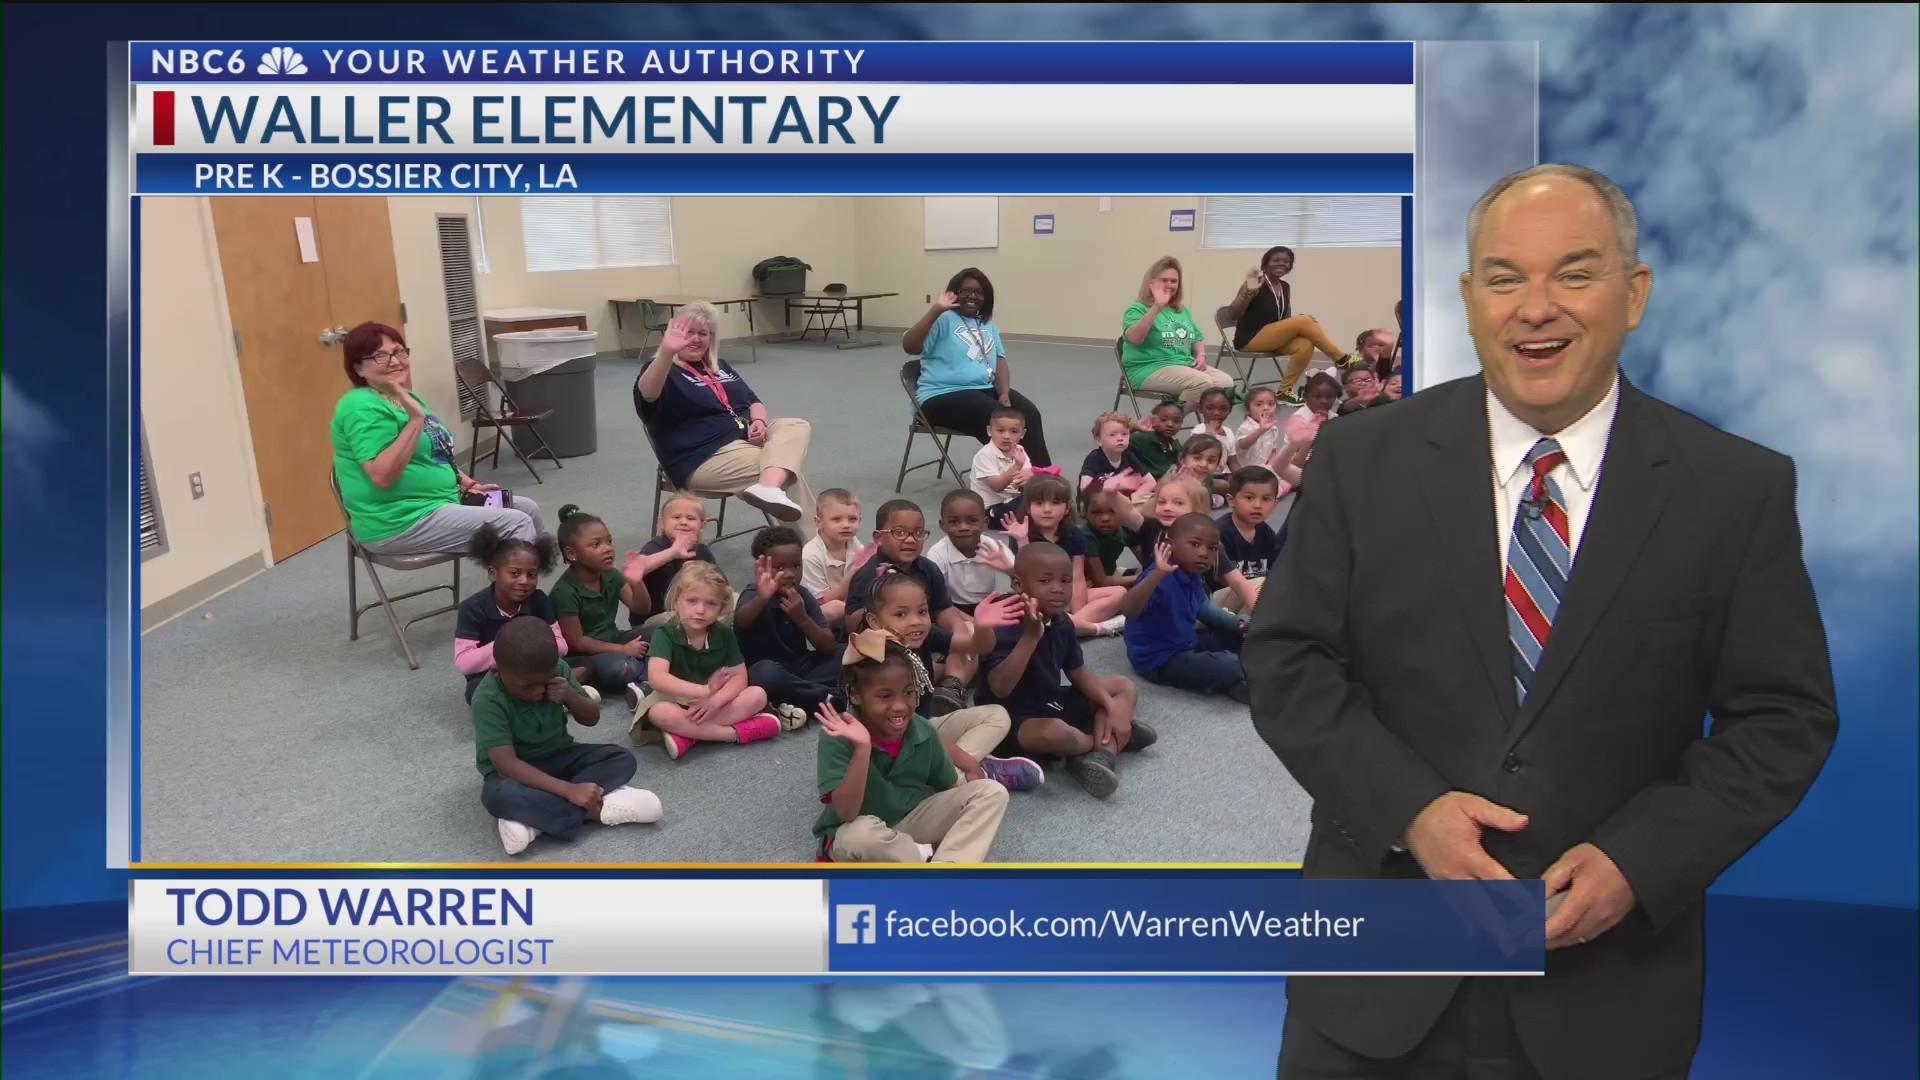 Waller Elementary welcomes Todd Warren